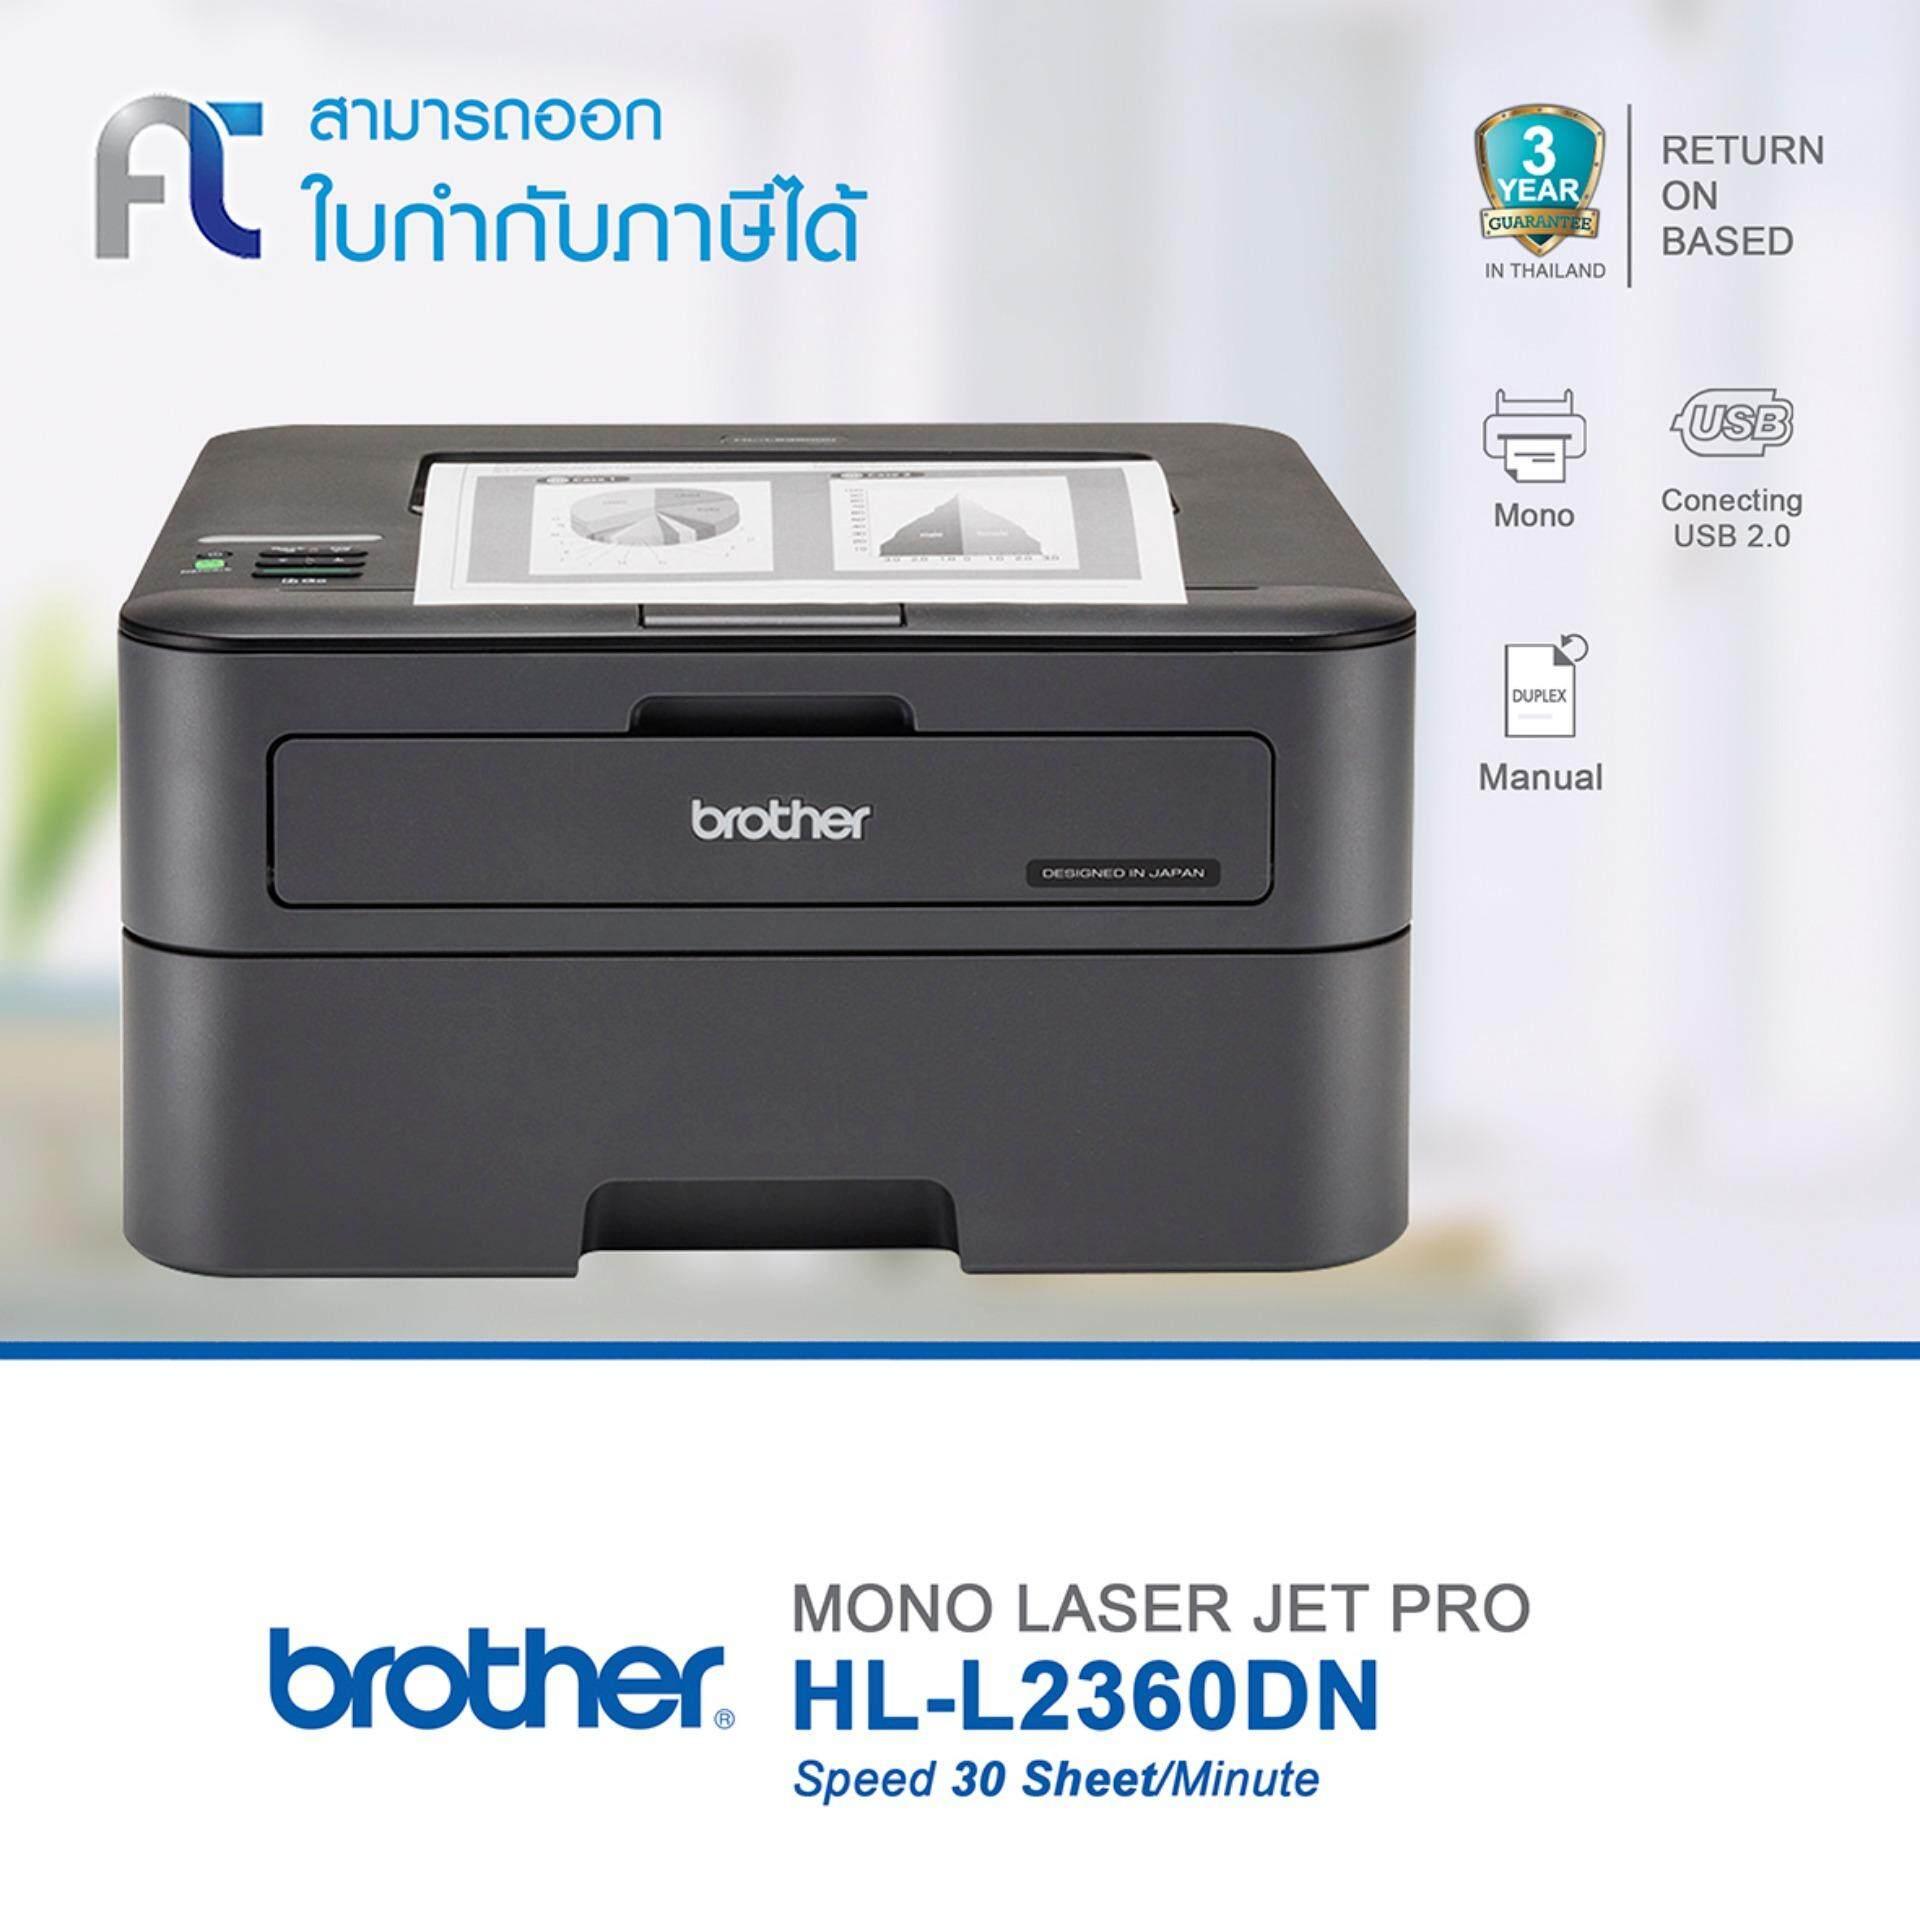 ขาย รับประกัน 3 ปี Brother Hl L2360Dn ความเร็วในการพิมพ์ สูงถึง 30 แผ่น นาที พิมพ์2หน้าอัตโนมัติ ออนไลน์ กรุงเทพมหานคร